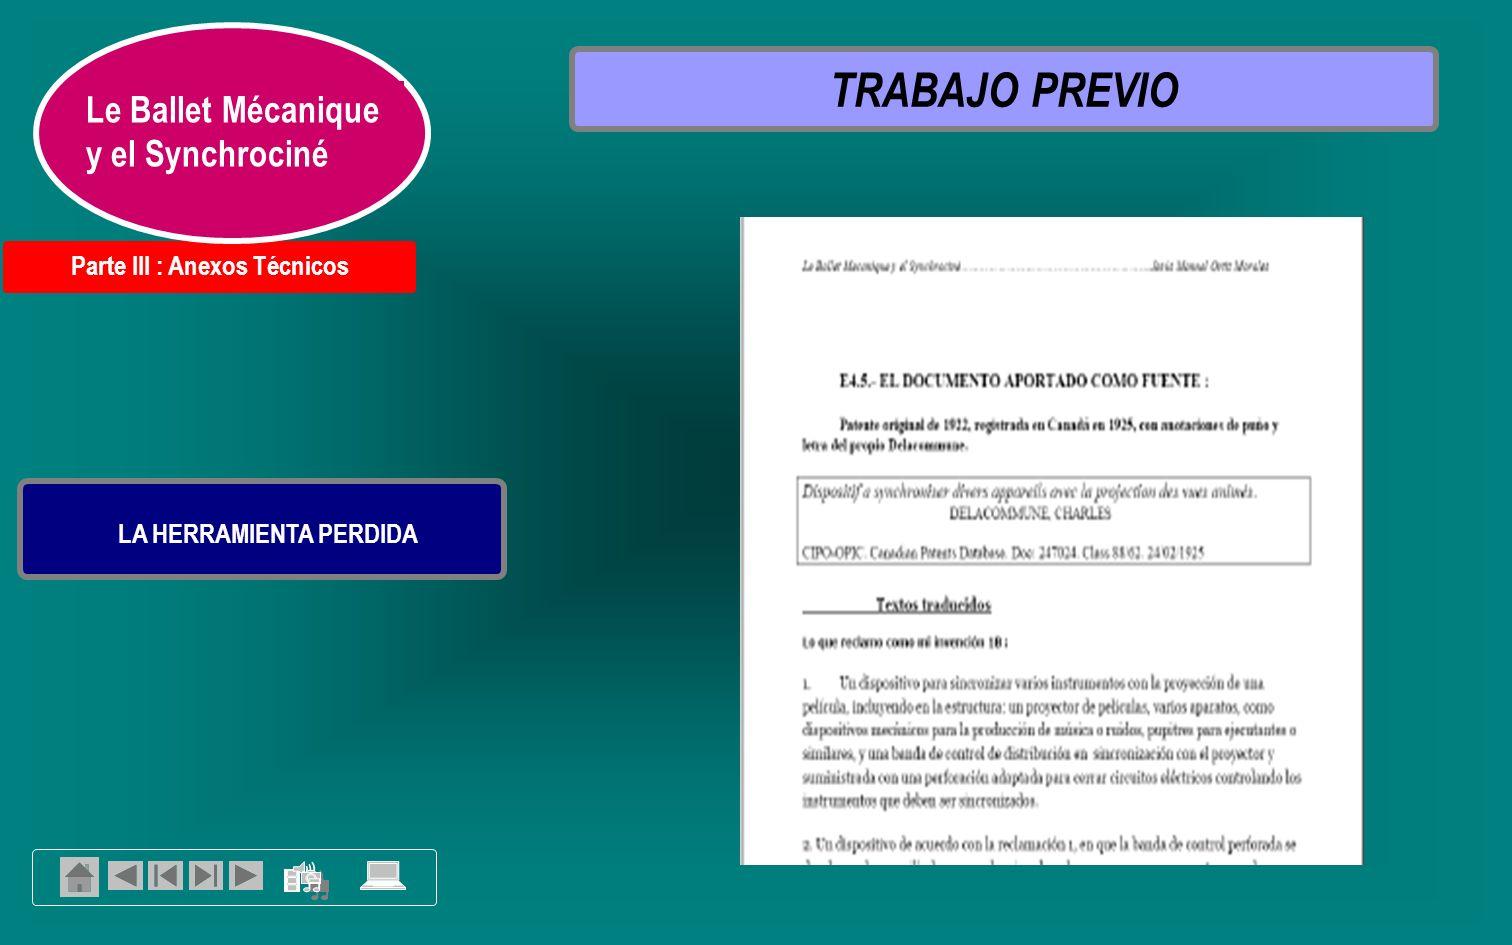 6.- BIBLIOGRAFIA 7-8- 9 ANEXOS ESPECÍFICOS 1.- PLANTEAMIENTO DE LA TESIS 2.- CONTEXTO: EL MOVIMIENTO CINEMÁTICO EUROPEO 3.- ANÁLISIS: FUNCIONAMIENTO DEL SYNCHROCINÉ O CINÉ-PUPITRE 5.- CONCLUSIONES 4.- INVESTIGACIÓN: EL PROCEDIMIENTO DEL SINCRONISMO CINEMÁTICO Y SU INVENTOR EN LA HISTORIA EL SYNCHRO-CINÉ O CINÉ- PUPITRE DE CHARLES DELACOMMUNE: UN DISPOSITIVO OLVIDADO TRABAJO DE TESIS.